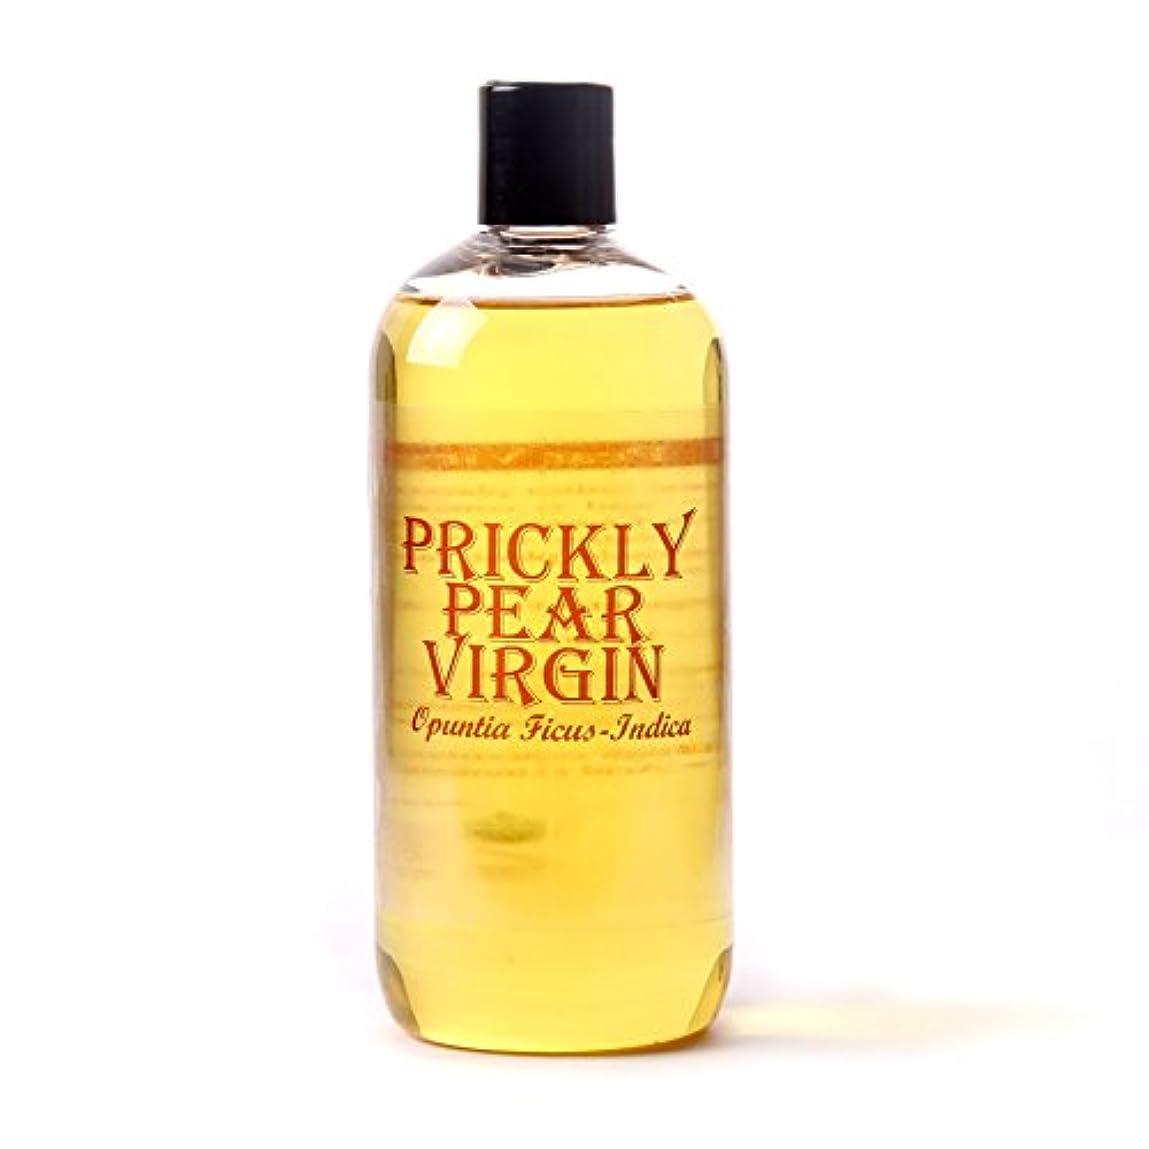 ゼロ港安いですPrickly Pear Virgin Carrier Oil - 100% Pure - 1 Litre